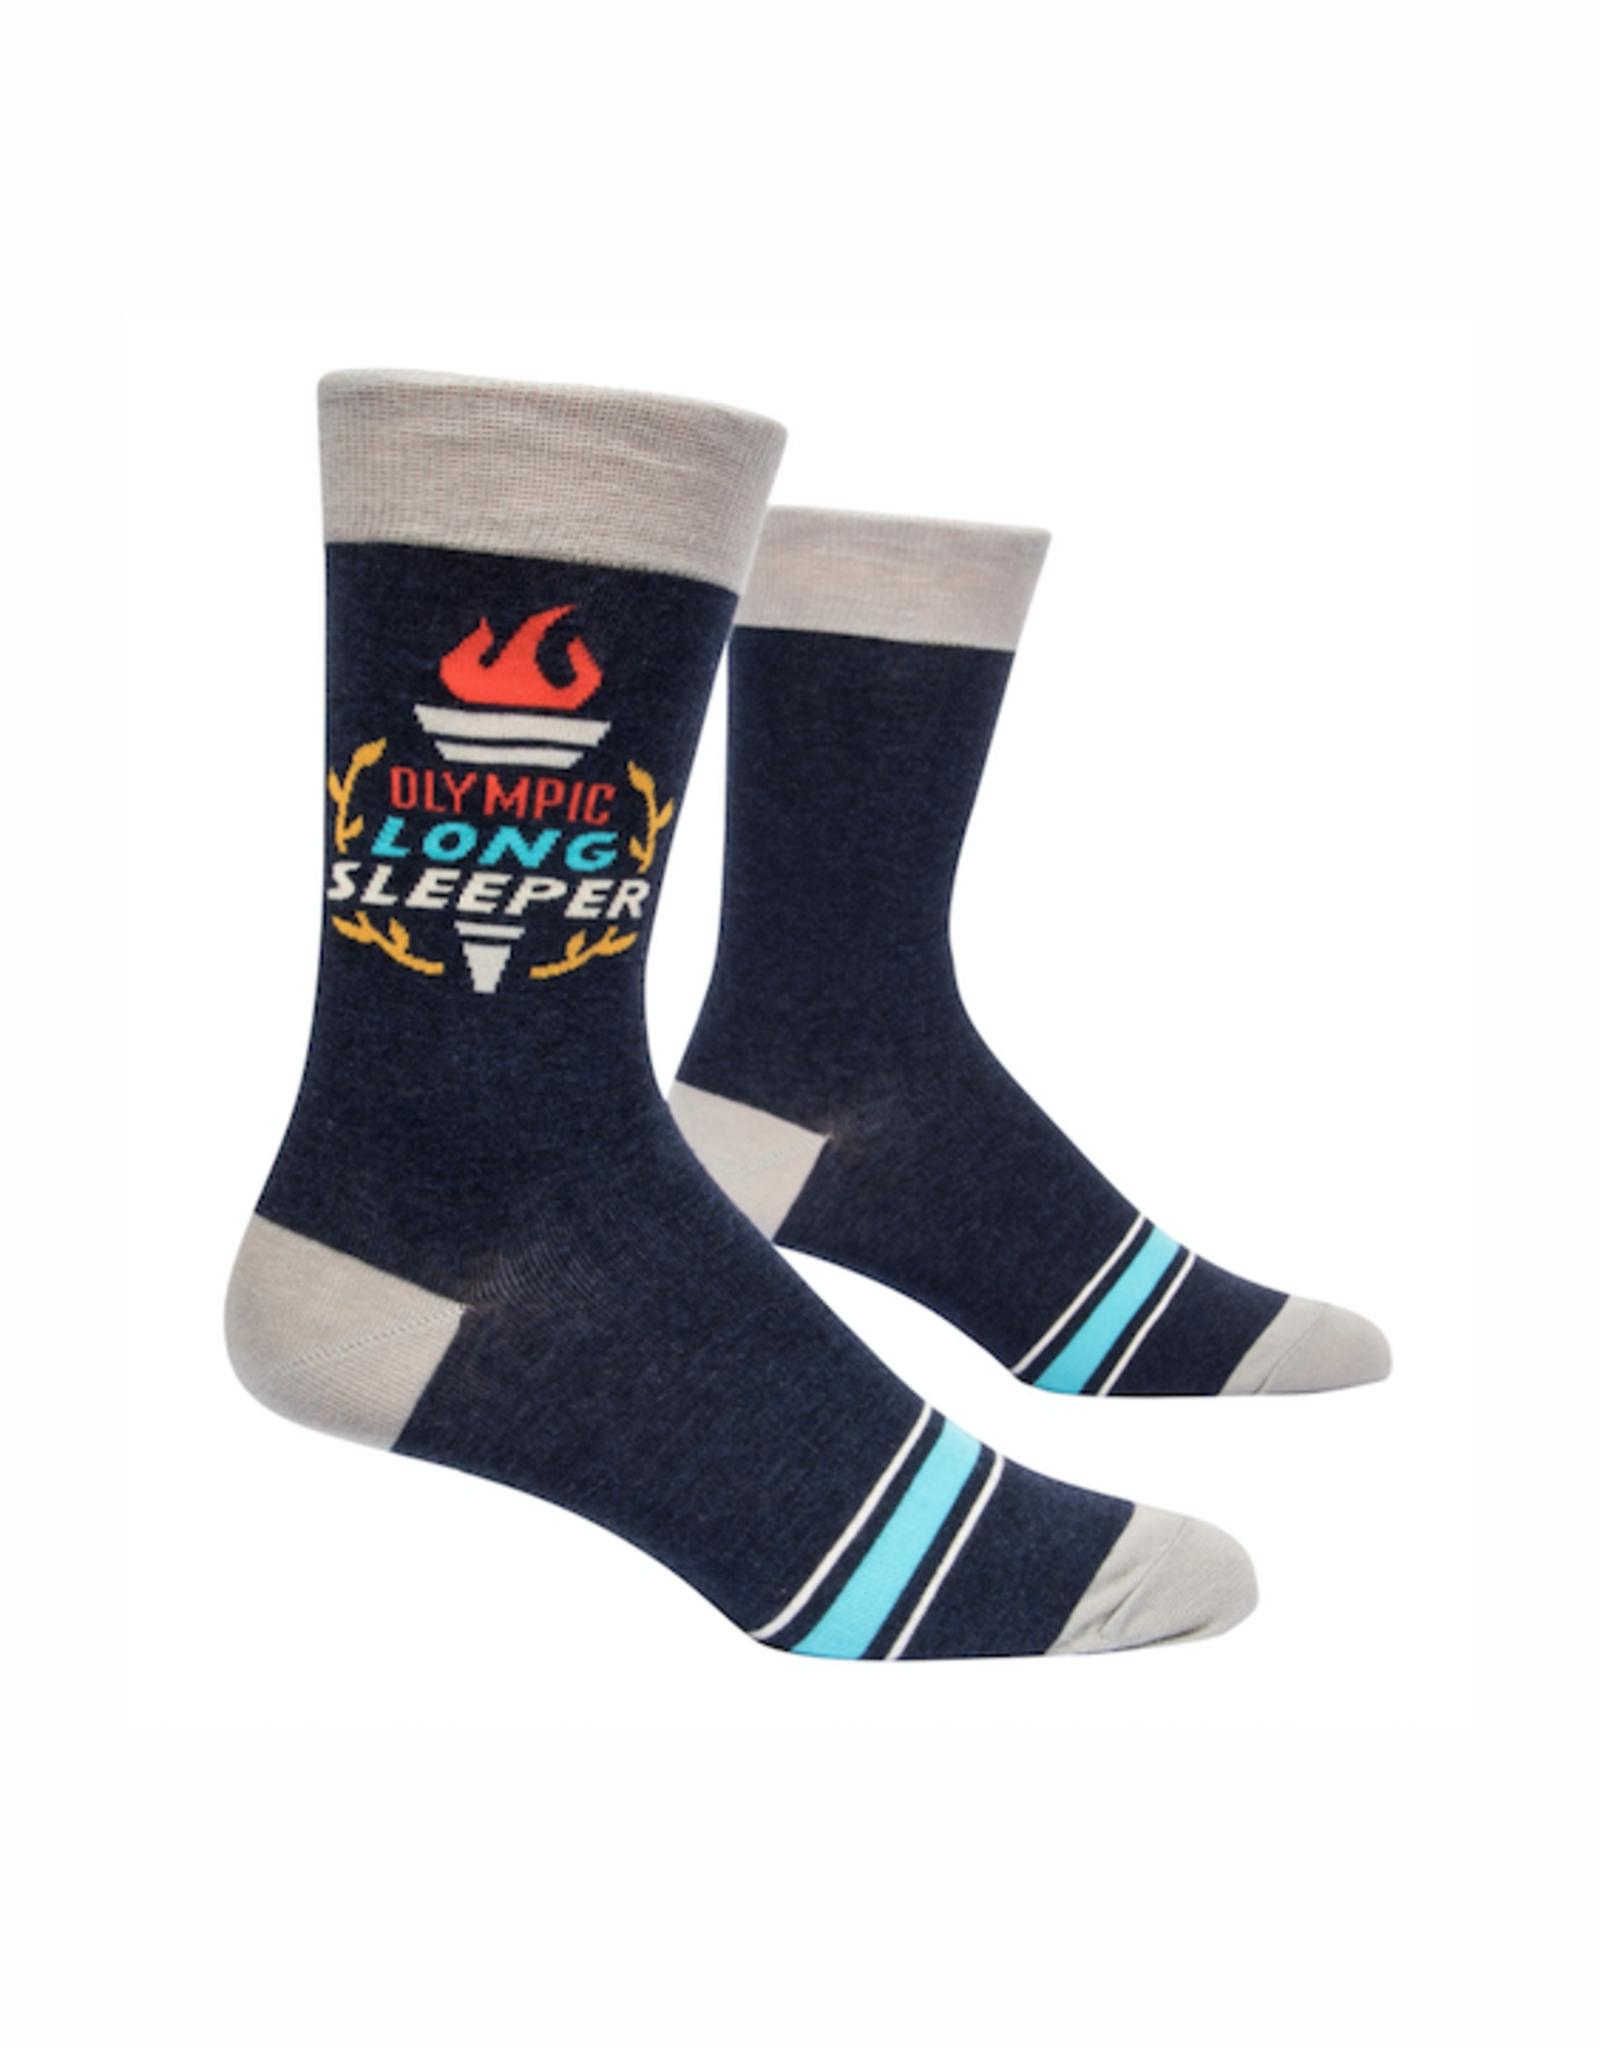 Olympic Long Sleeper Men's Crew Socks